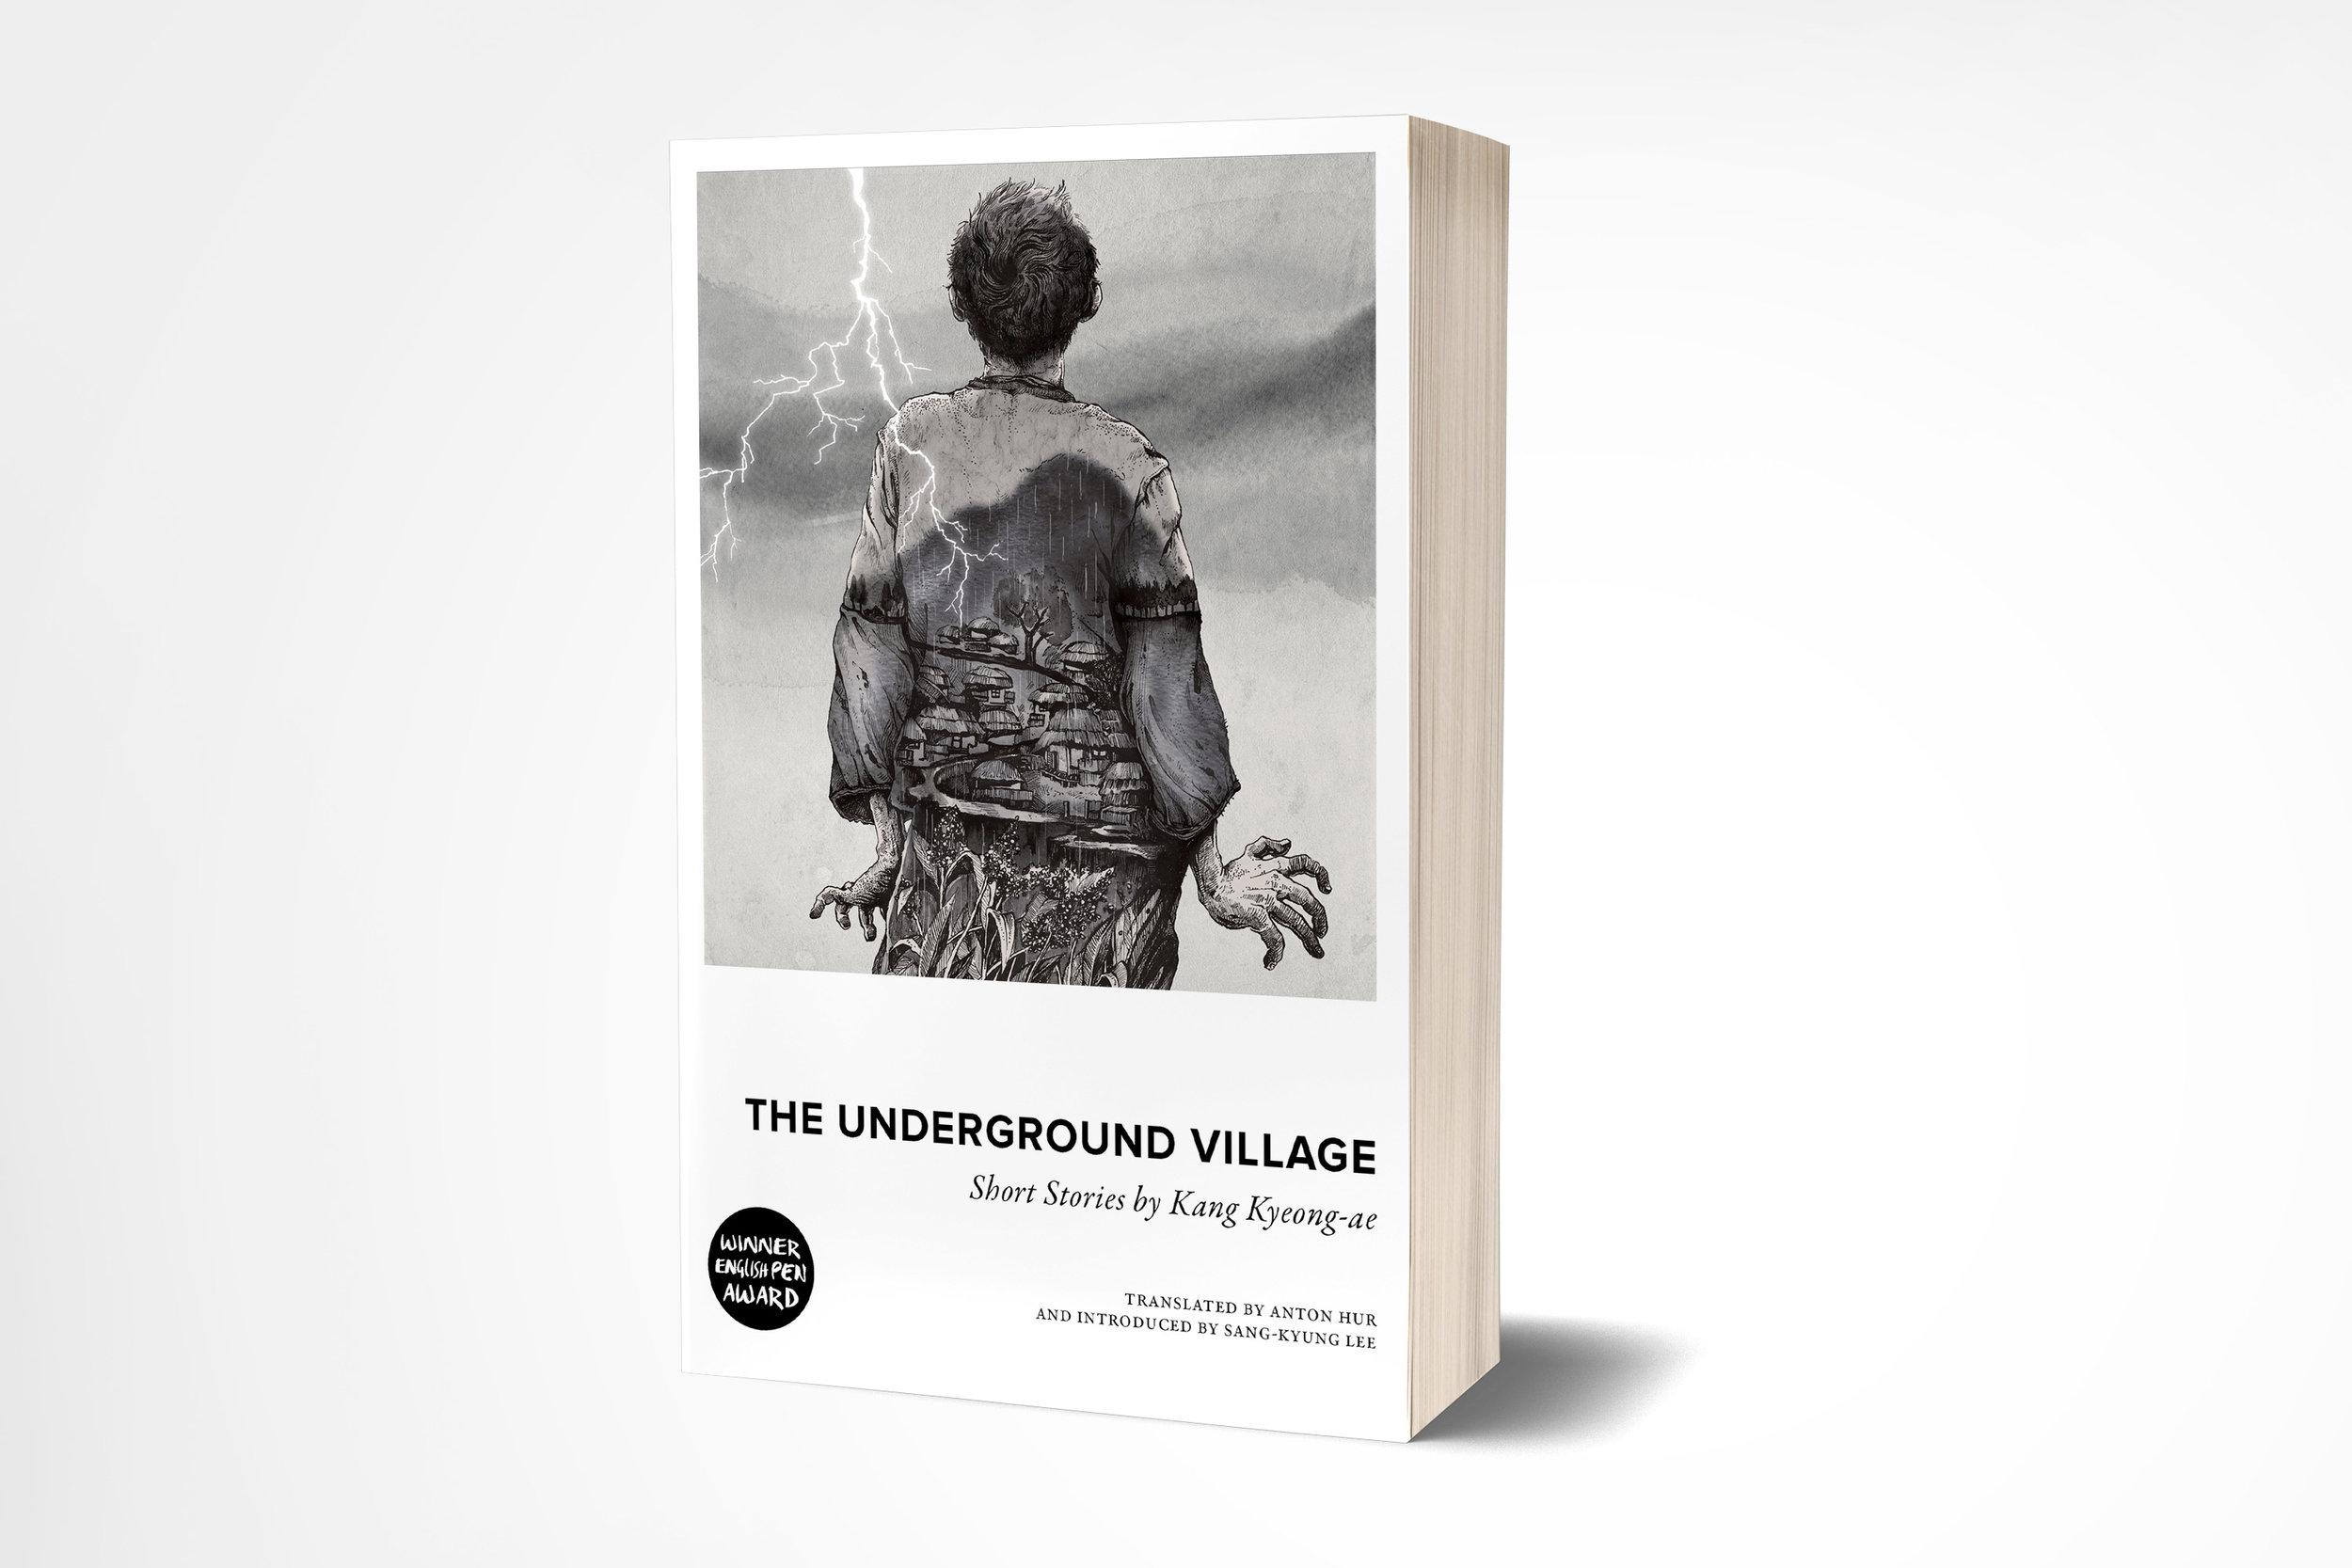 The Underground Village 3d image.jpg